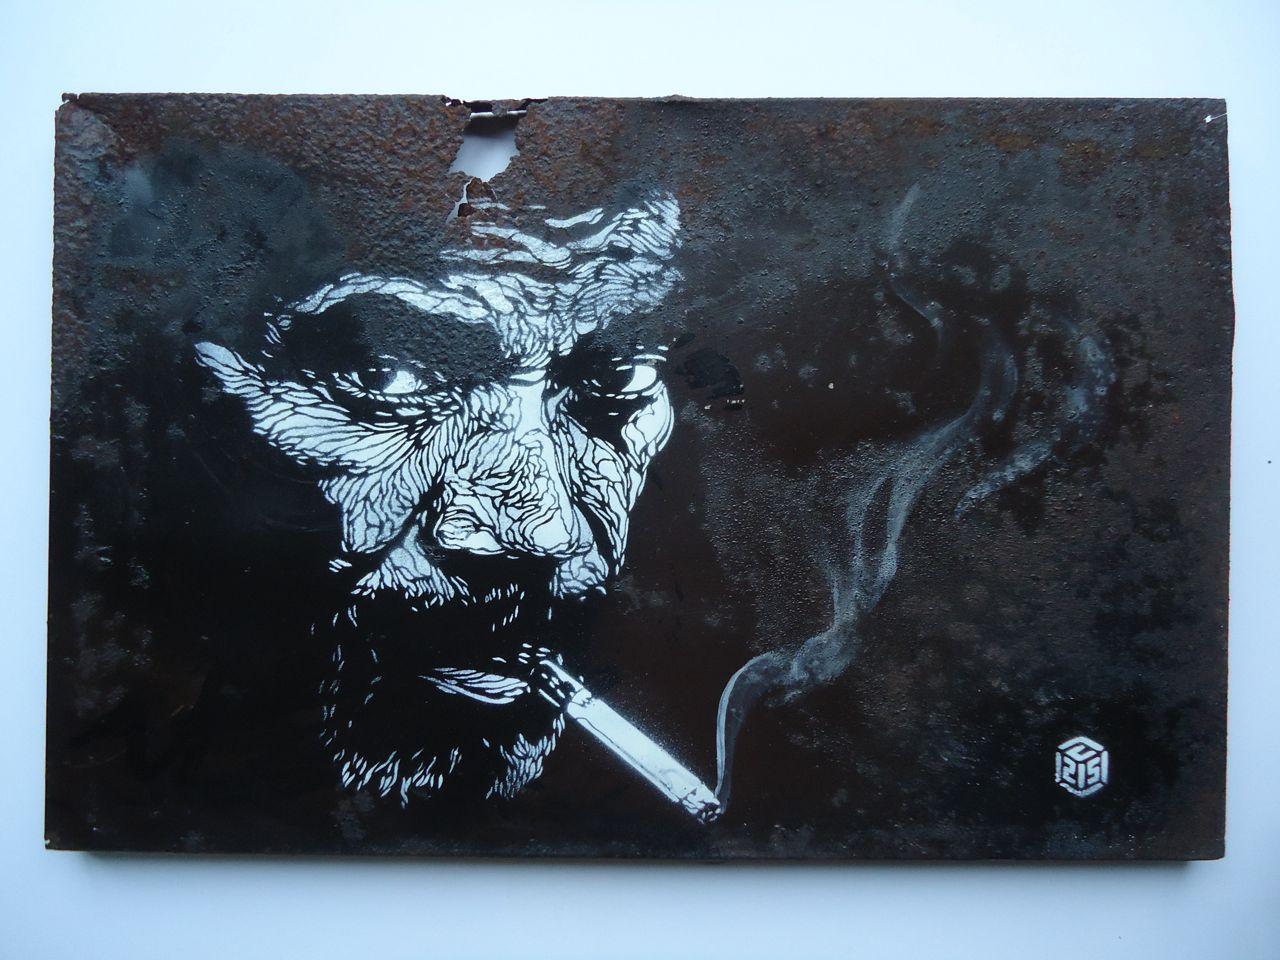 c215-smoker